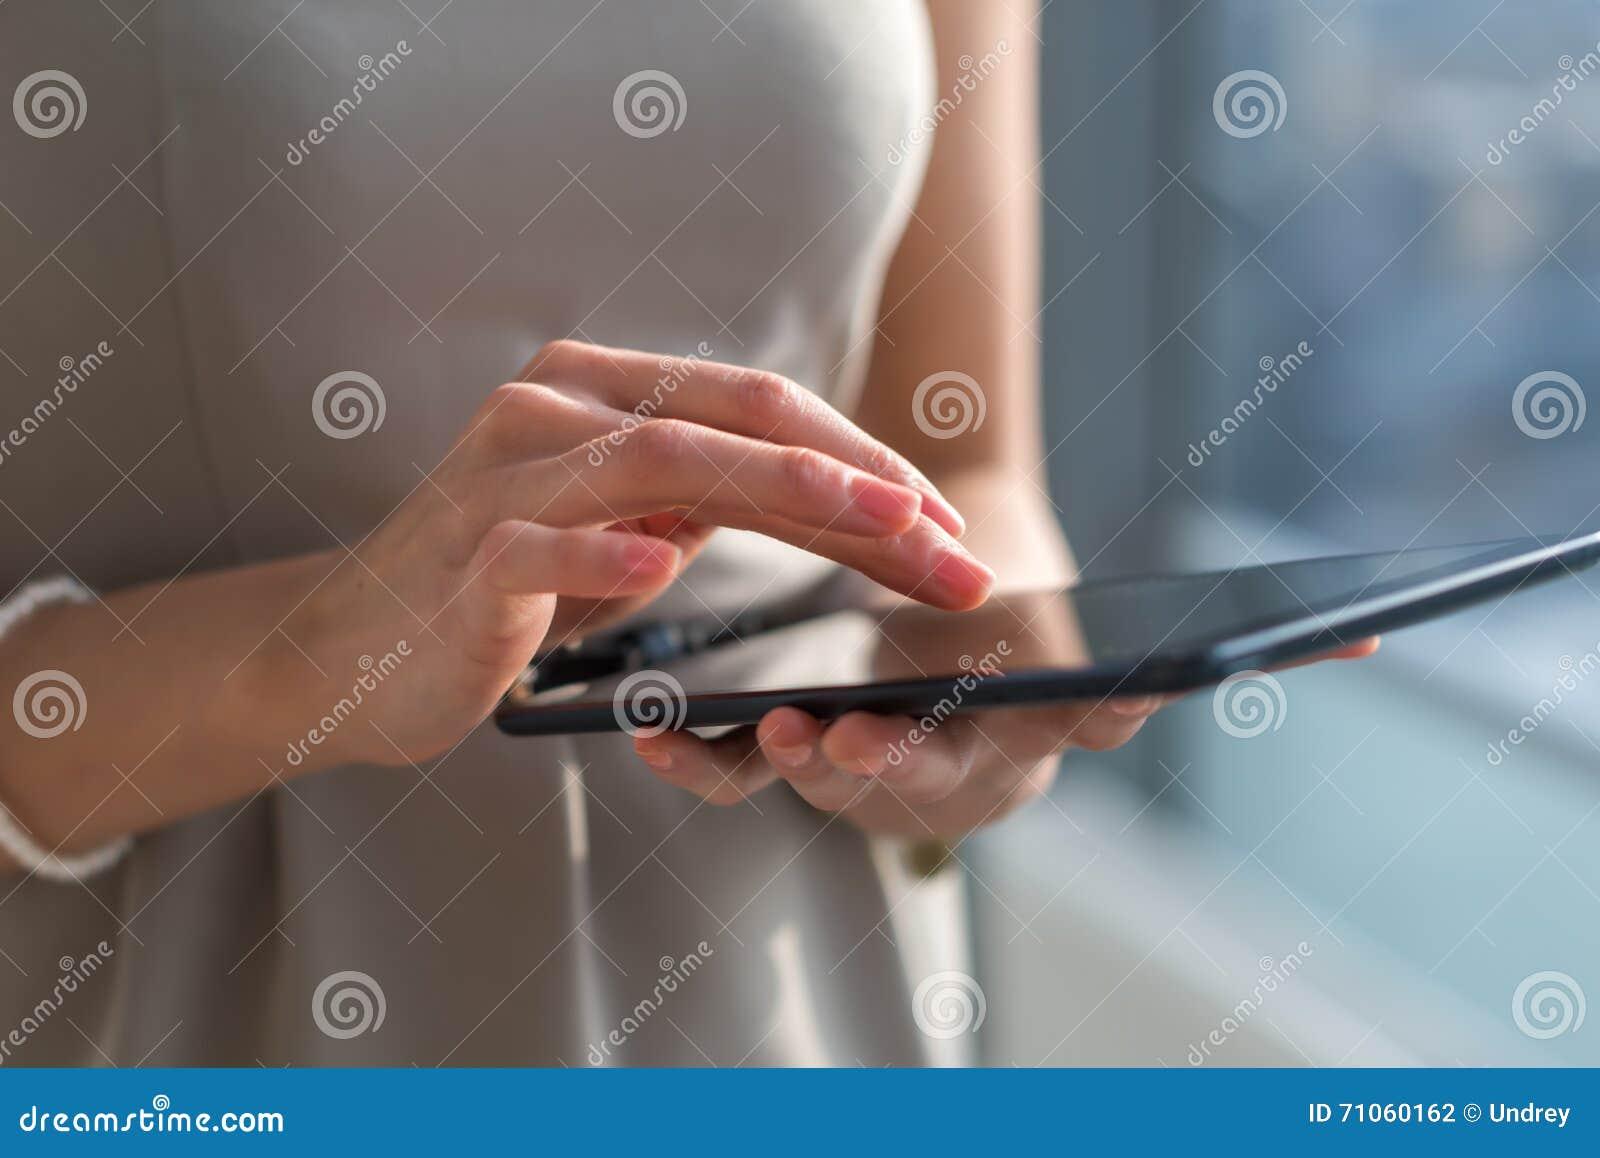 Zakończenie fotografia bizneswoman z cyfrową pastylką w rękach Kobieta wręcza pisać na maszynie, texting i przesyłanie wiadomości